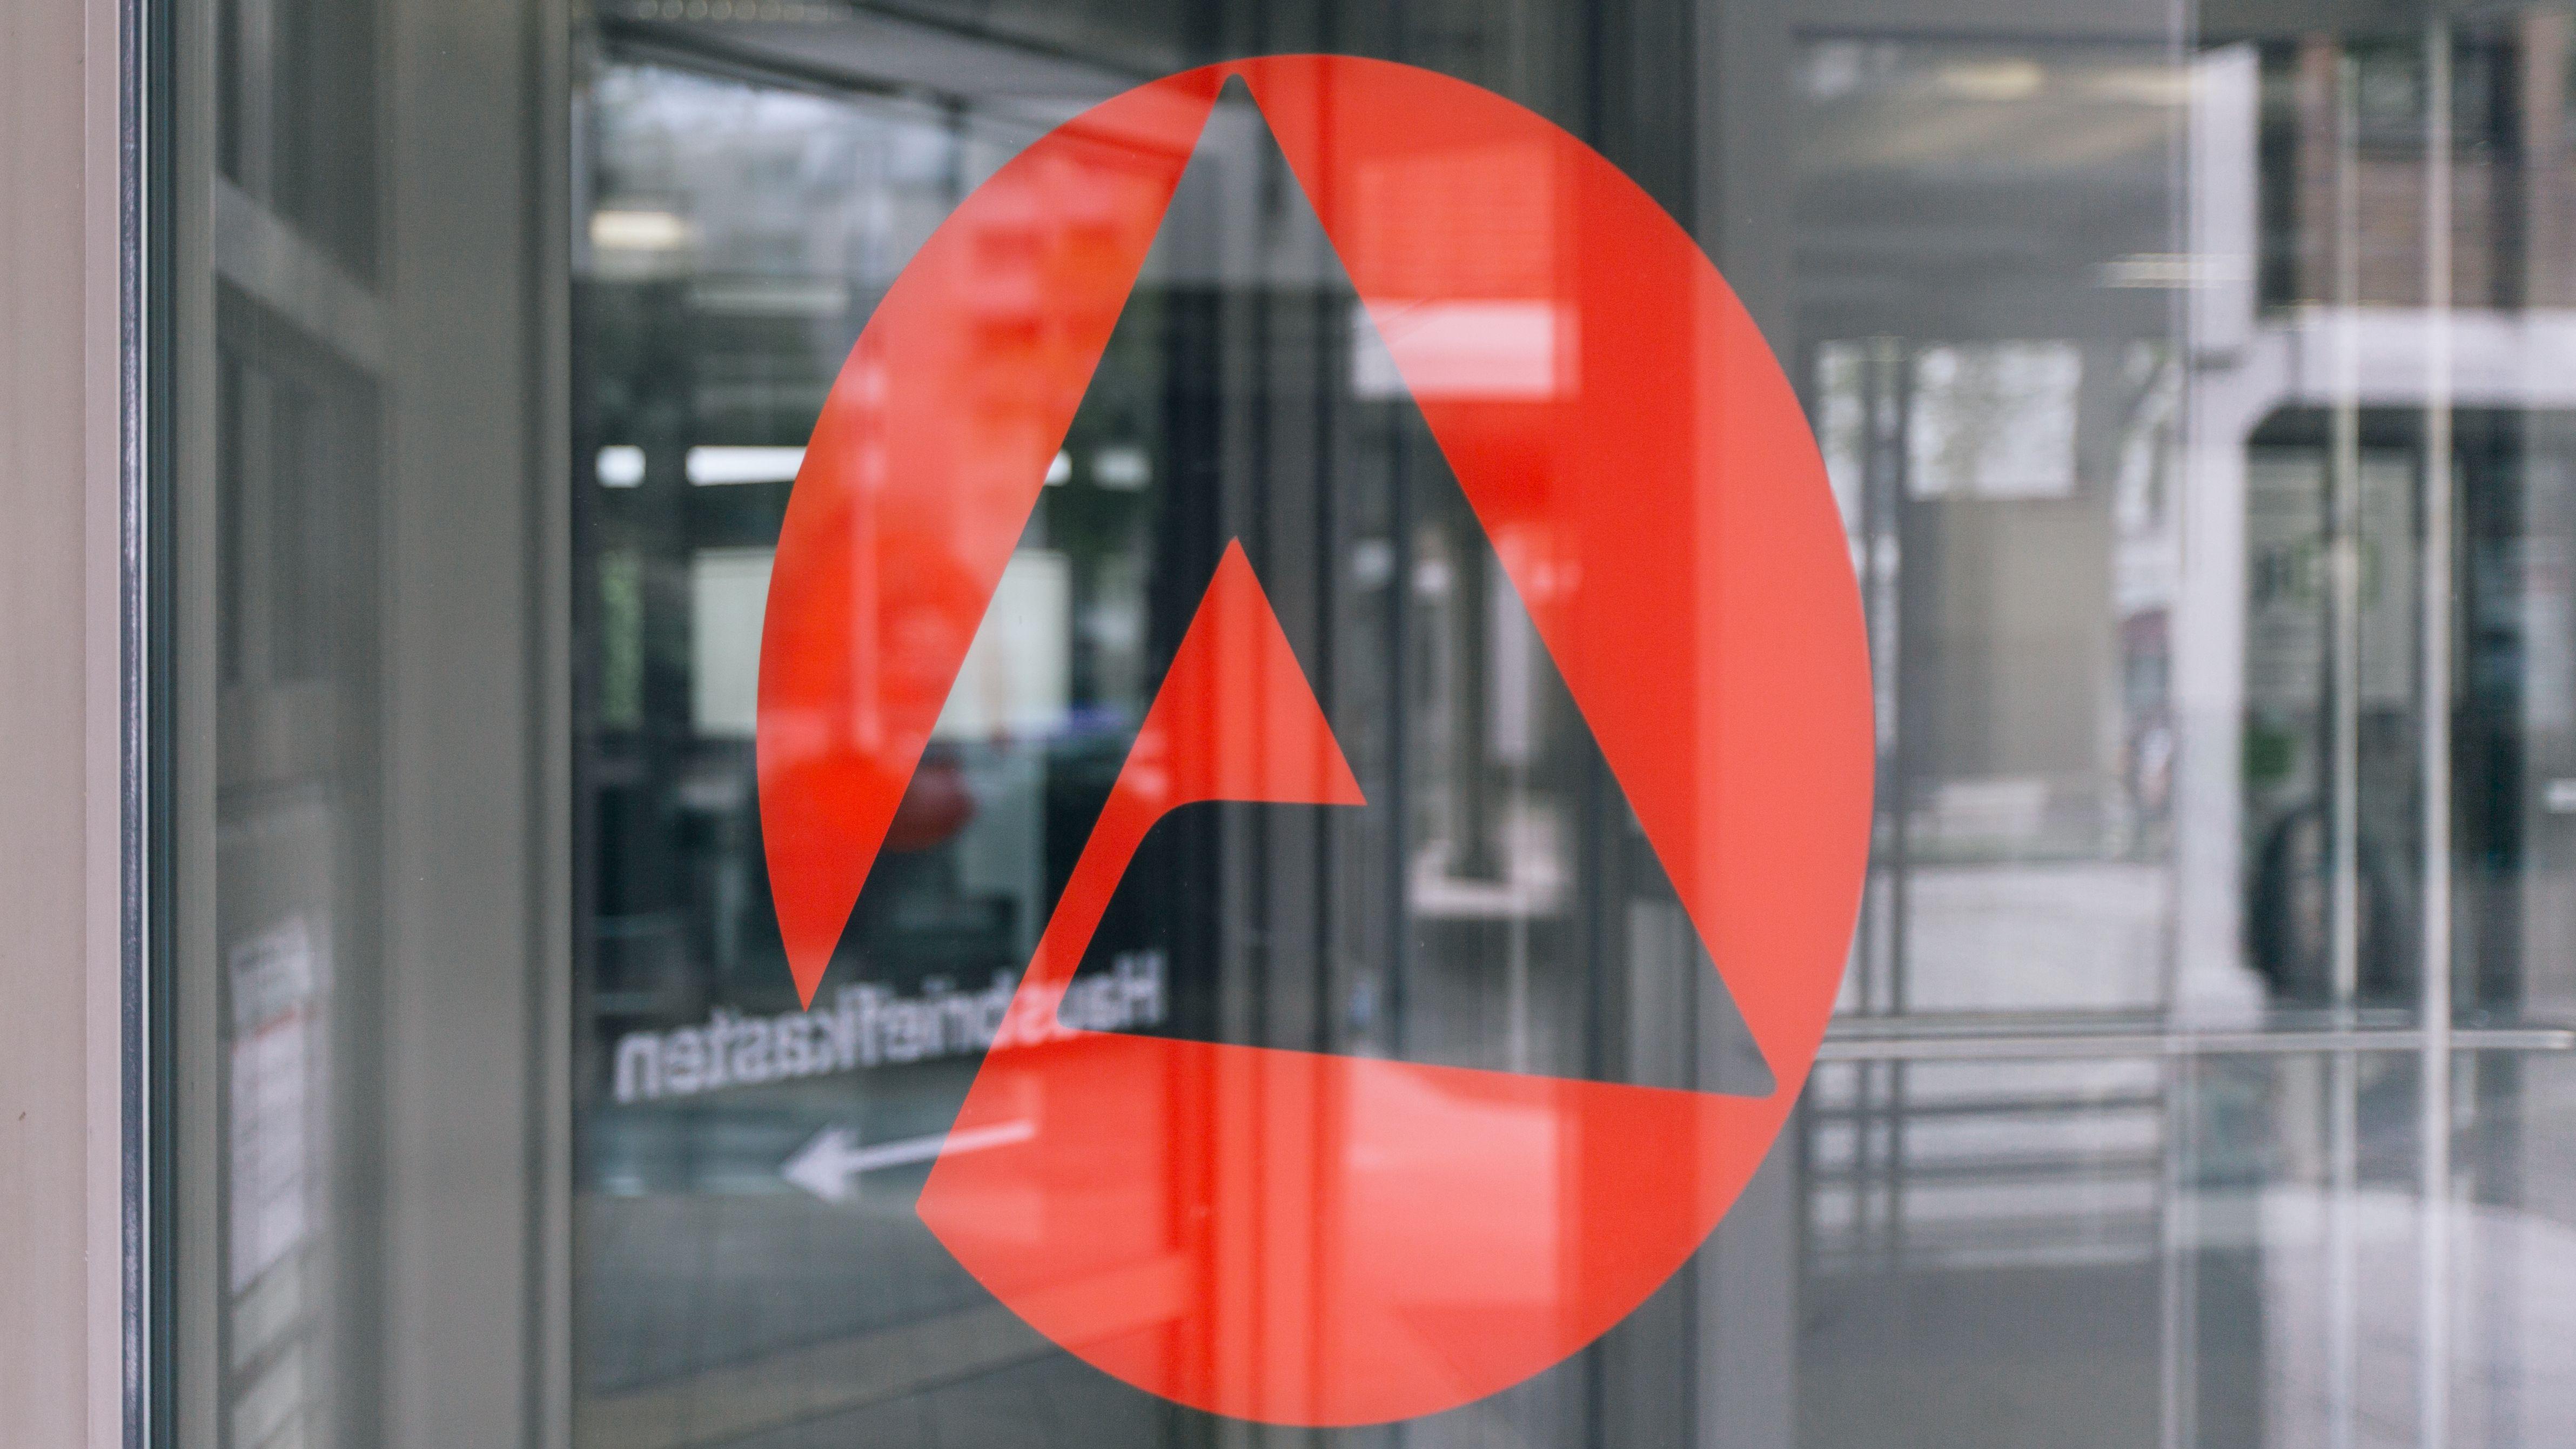 Logo der Agentur für Arbeit auf einer Glastür.